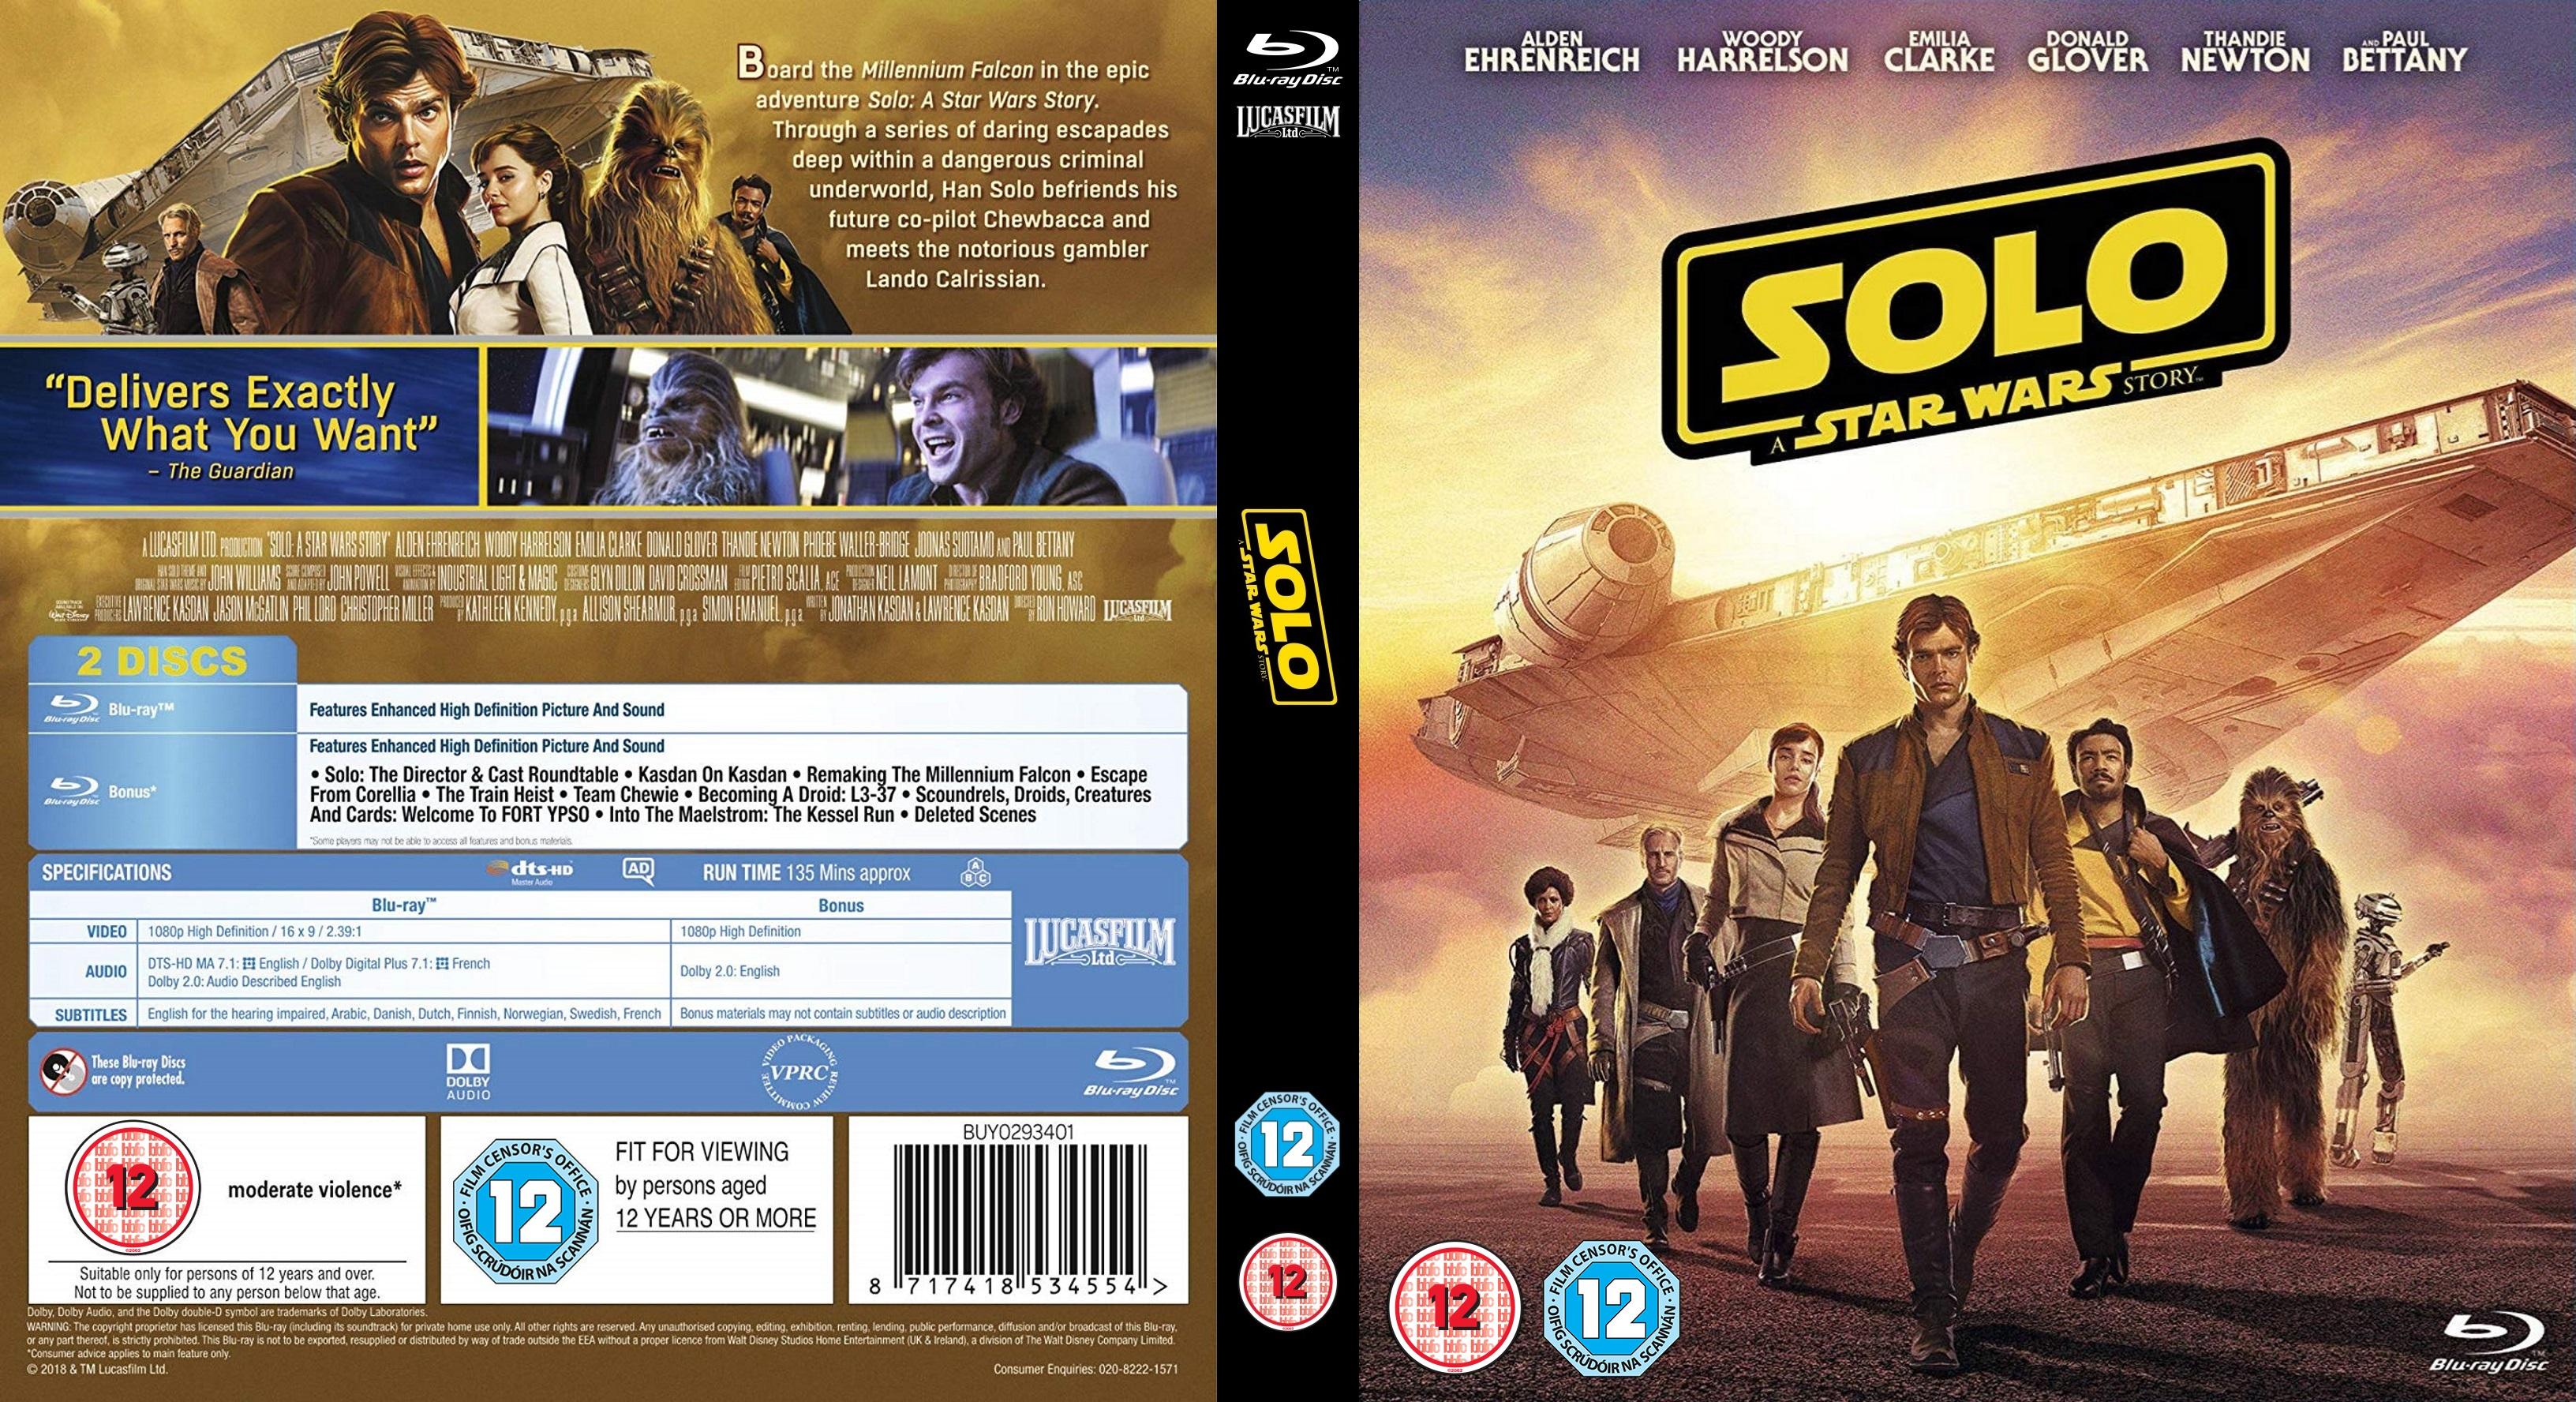 Movie Download Bluray